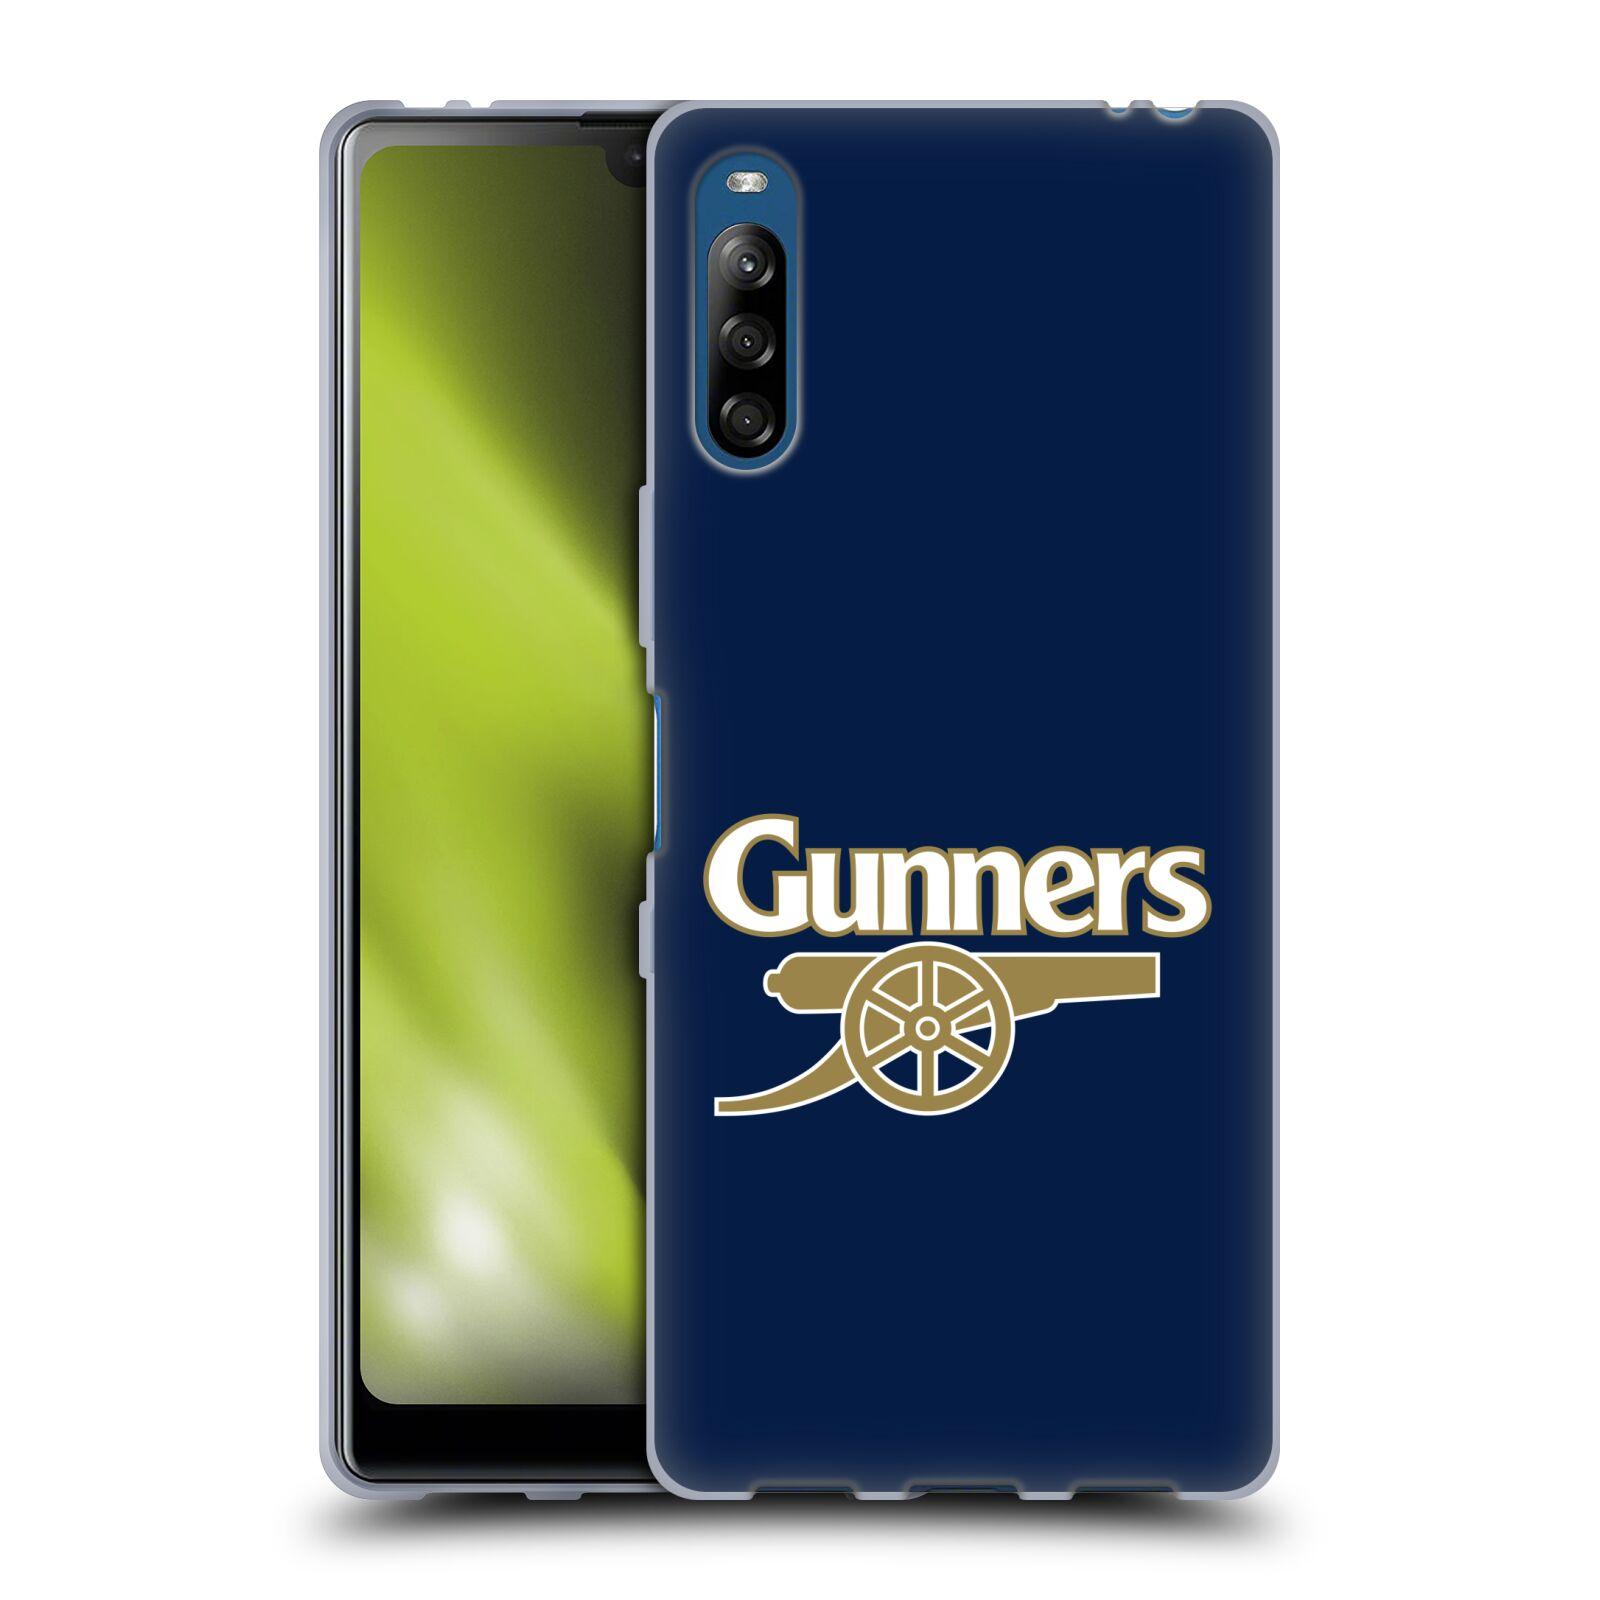 Silikonové pouzdro na mobil Sony Xperia L4 - Head Case - Arsenal FC - Gunners